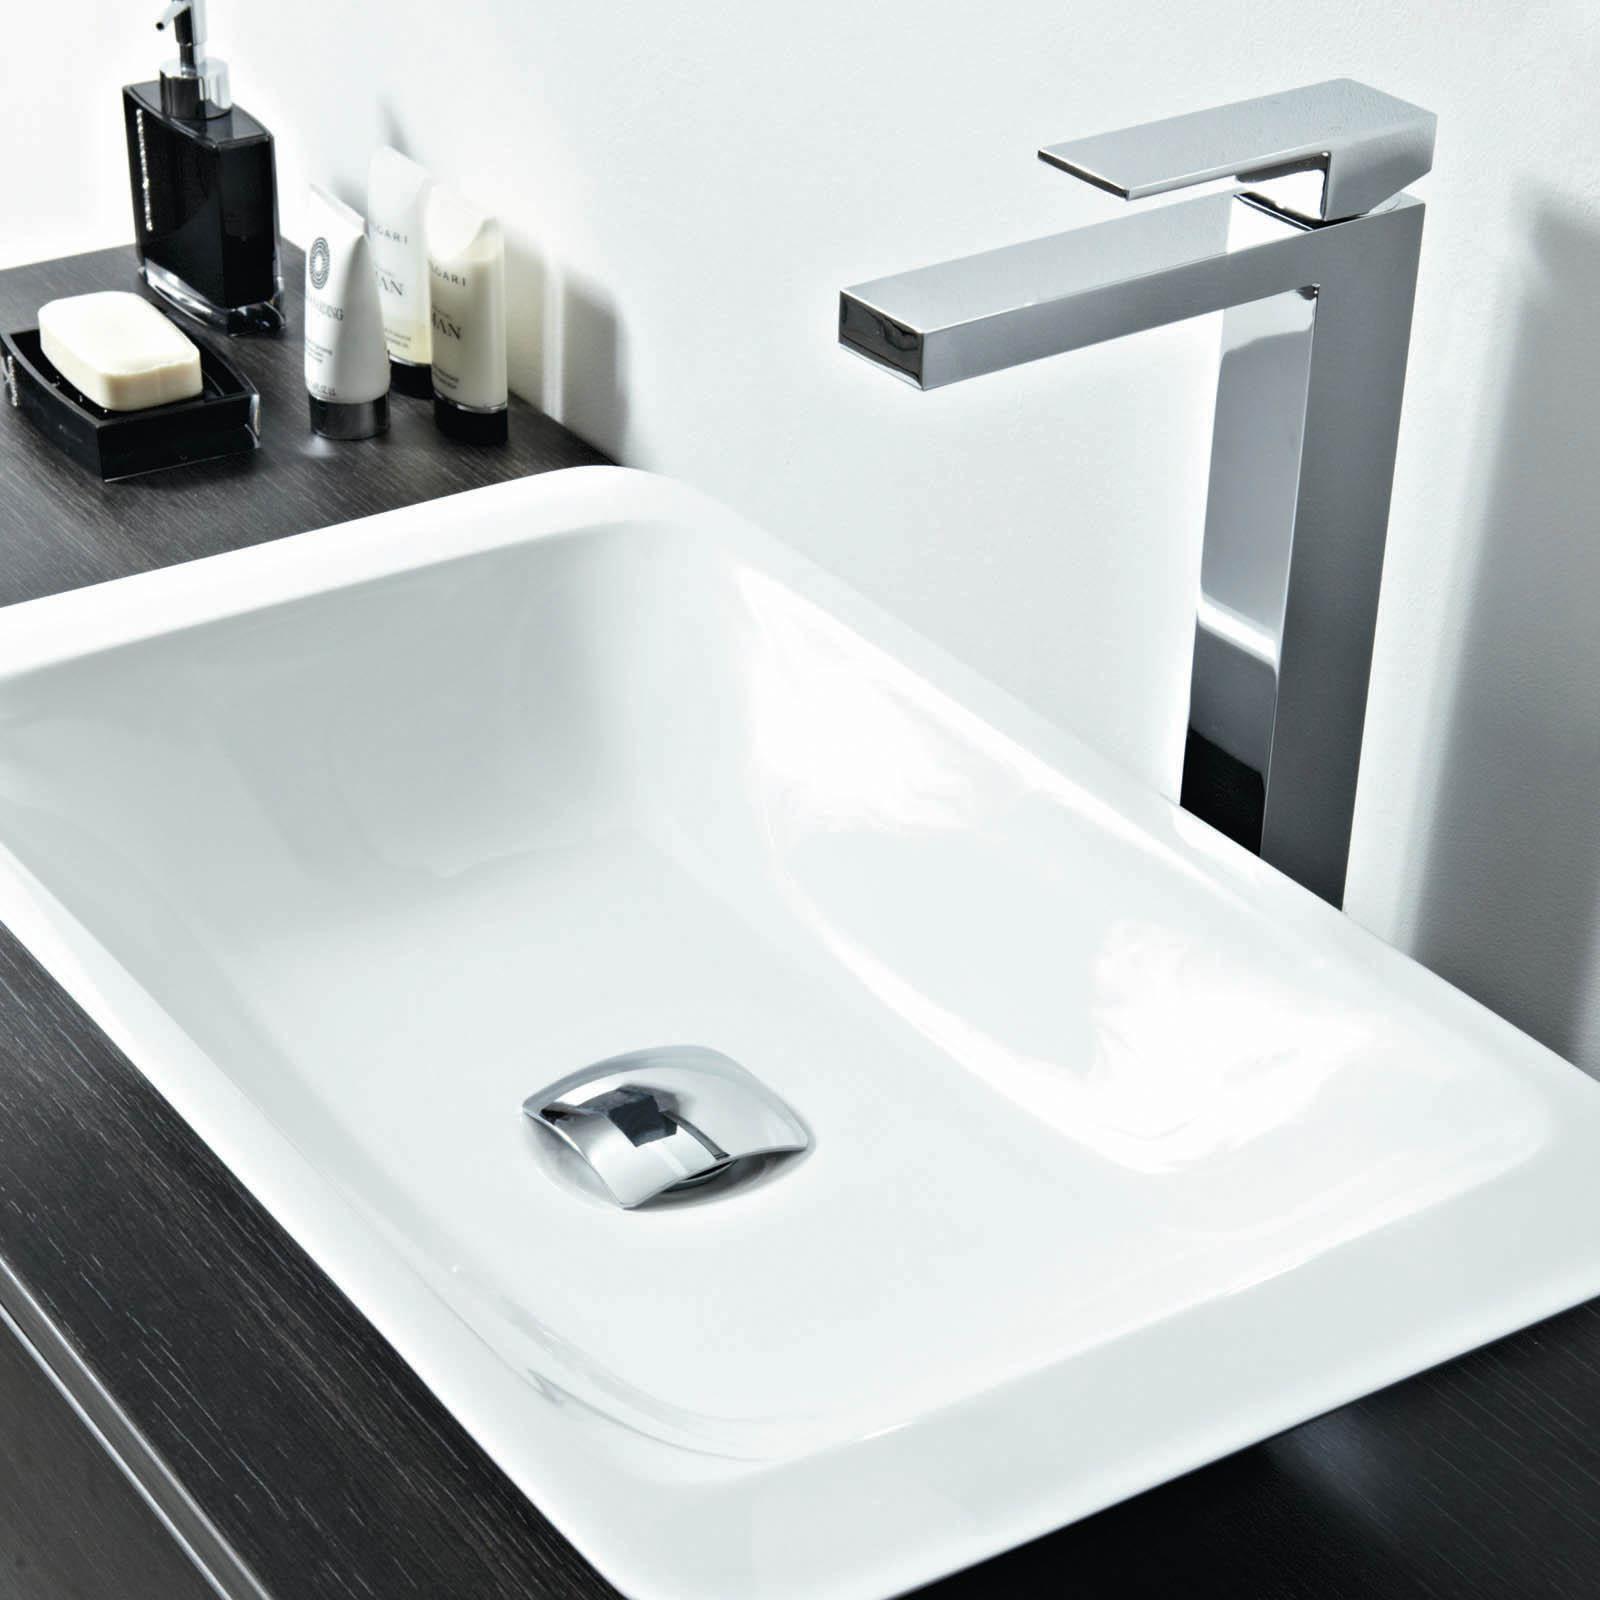 Furniture Basins